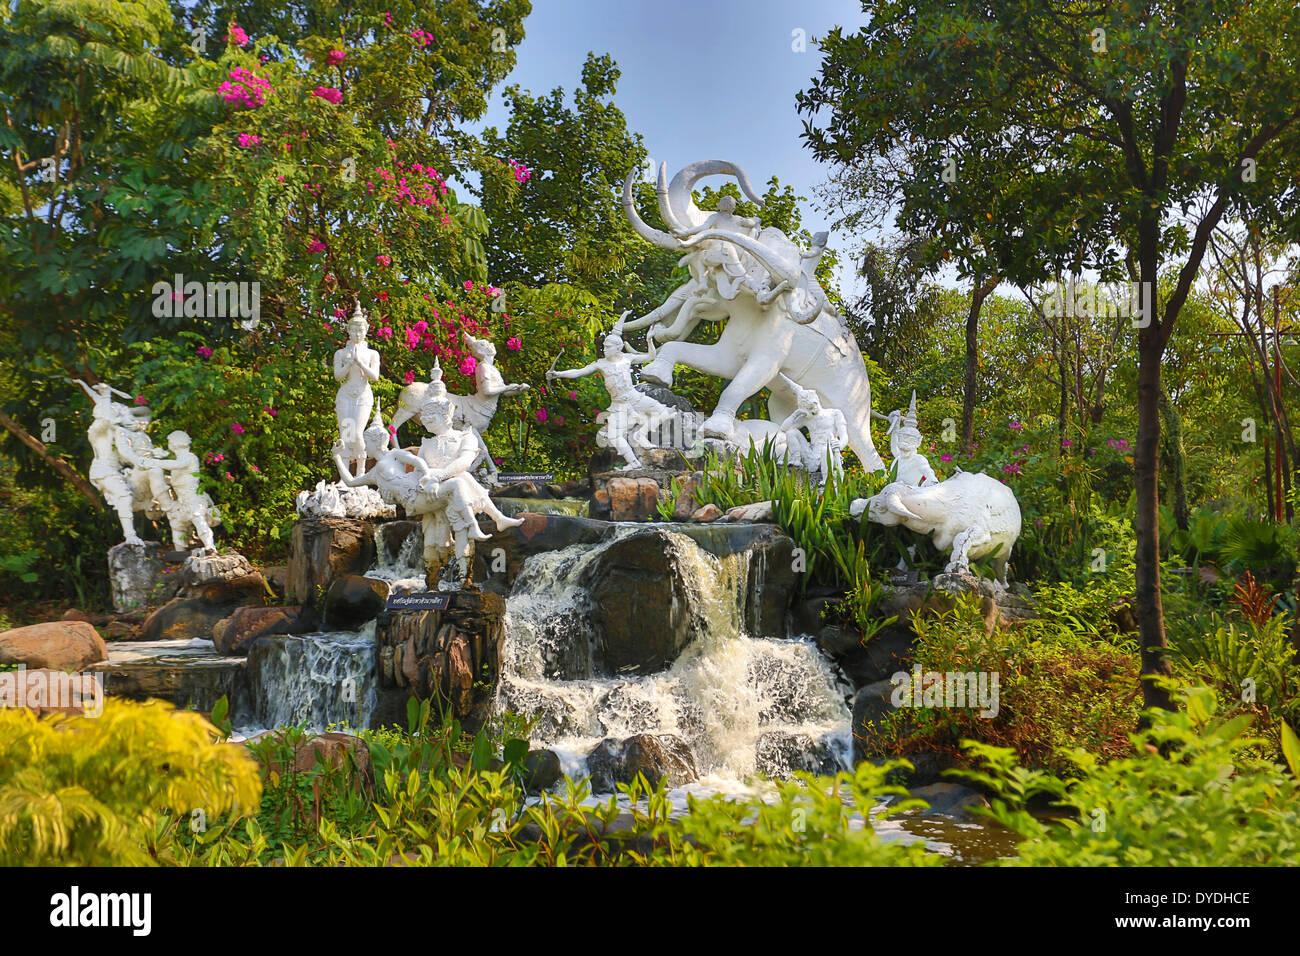 La Thaïlande, Asie, Bangkok, vieux, Siam Park, artistique, de couleurs éclatantes, l'éléphant, Jardin, Parc, Vieille, monumentale, cascade Photo Stock